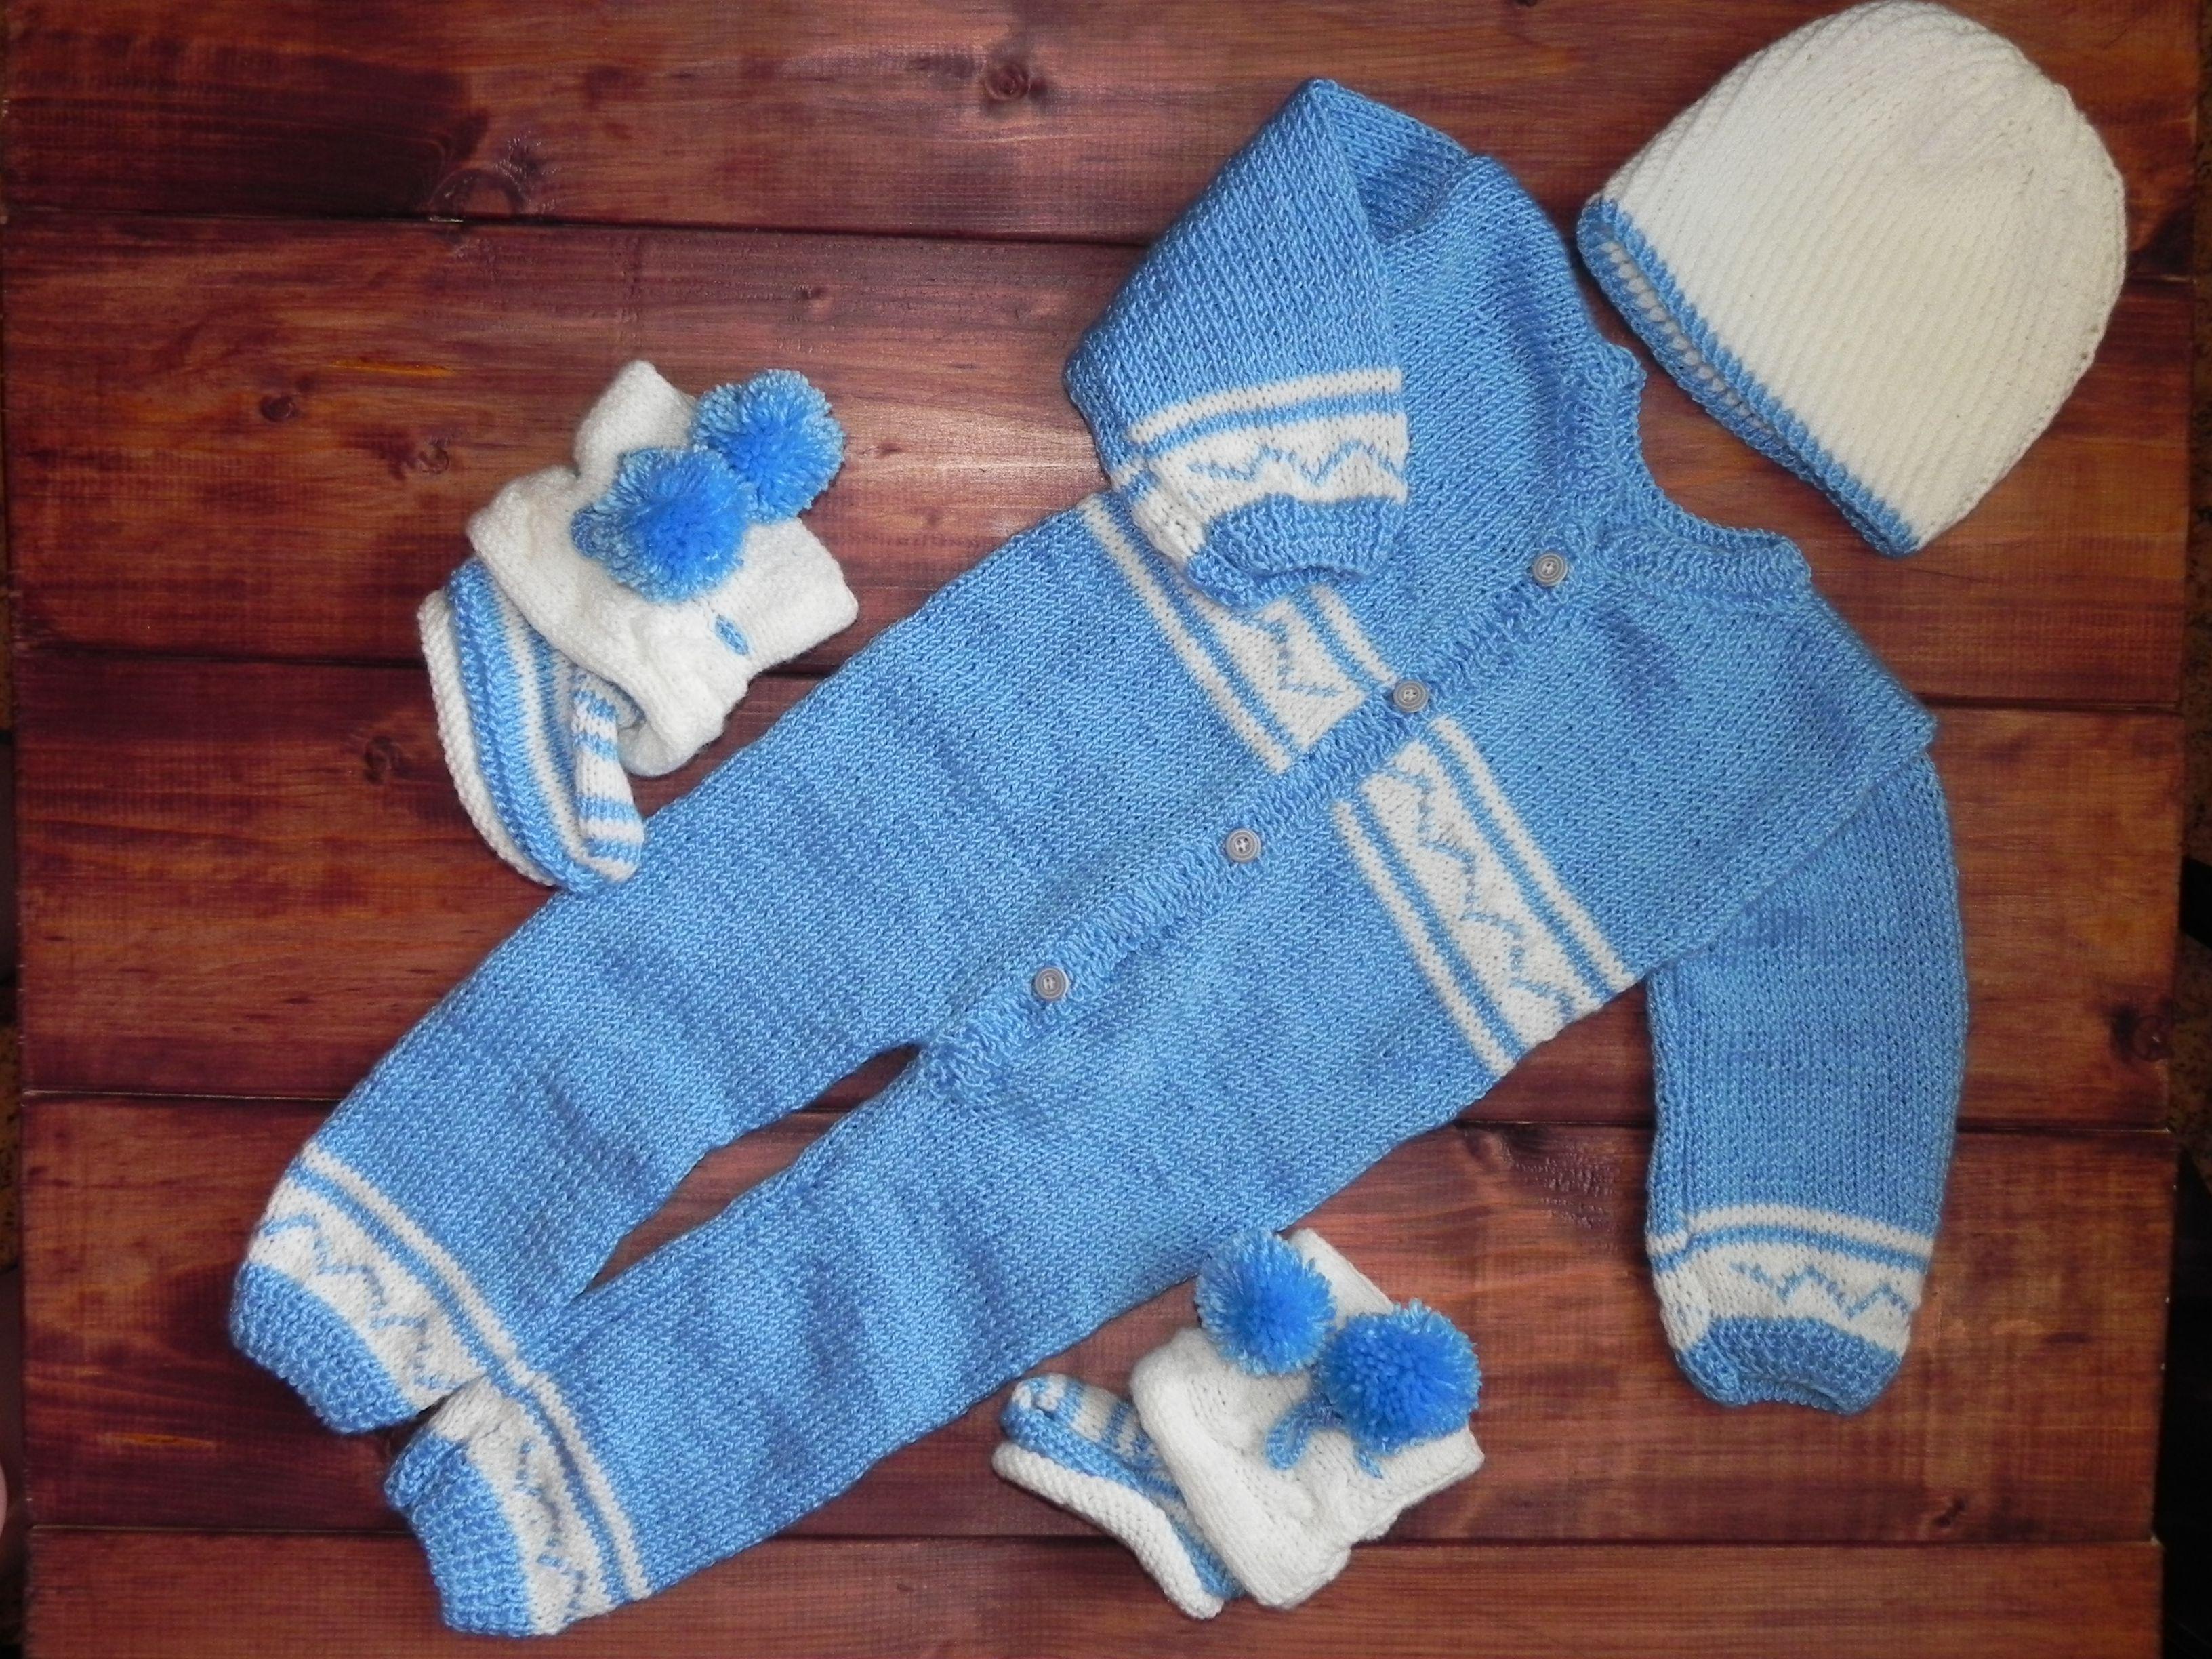 хороший вещи детские вязание детям шапочка пинетки детский комплект на заказ вяжу комбинезон подарок